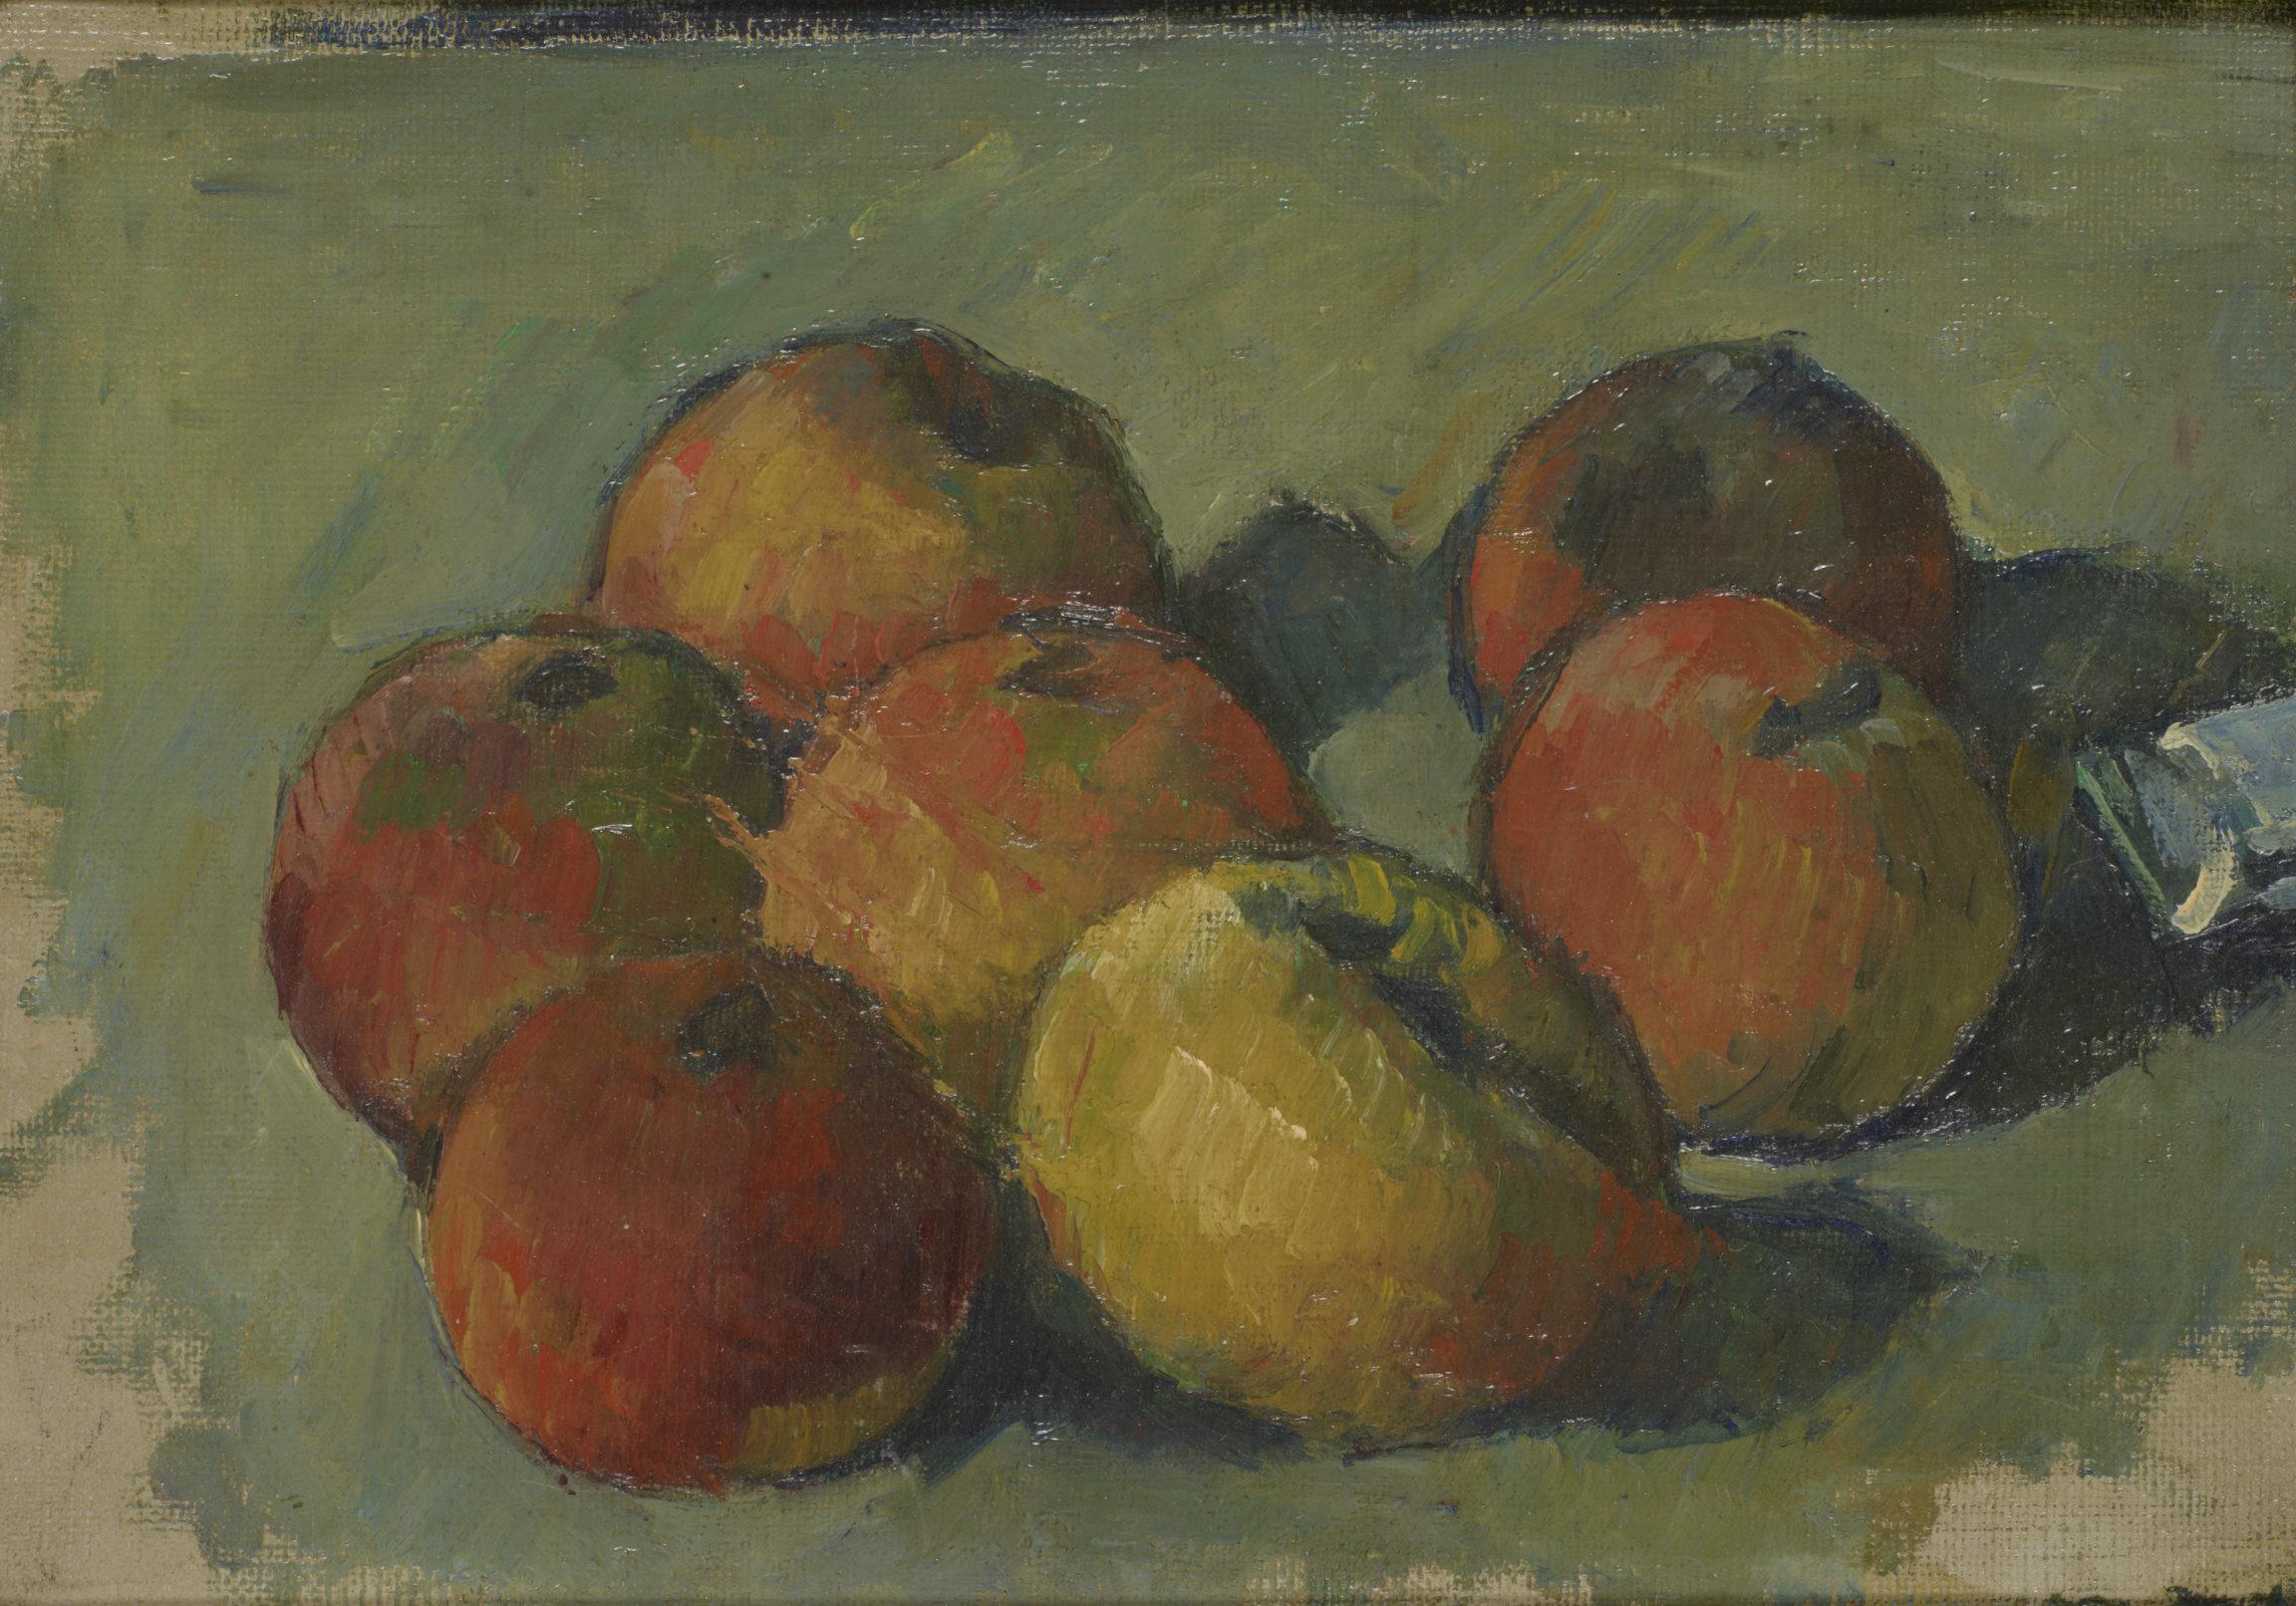 Paul Cézanne, Nature morte aux sept pommes et tube de couleur, 1878 - 1879